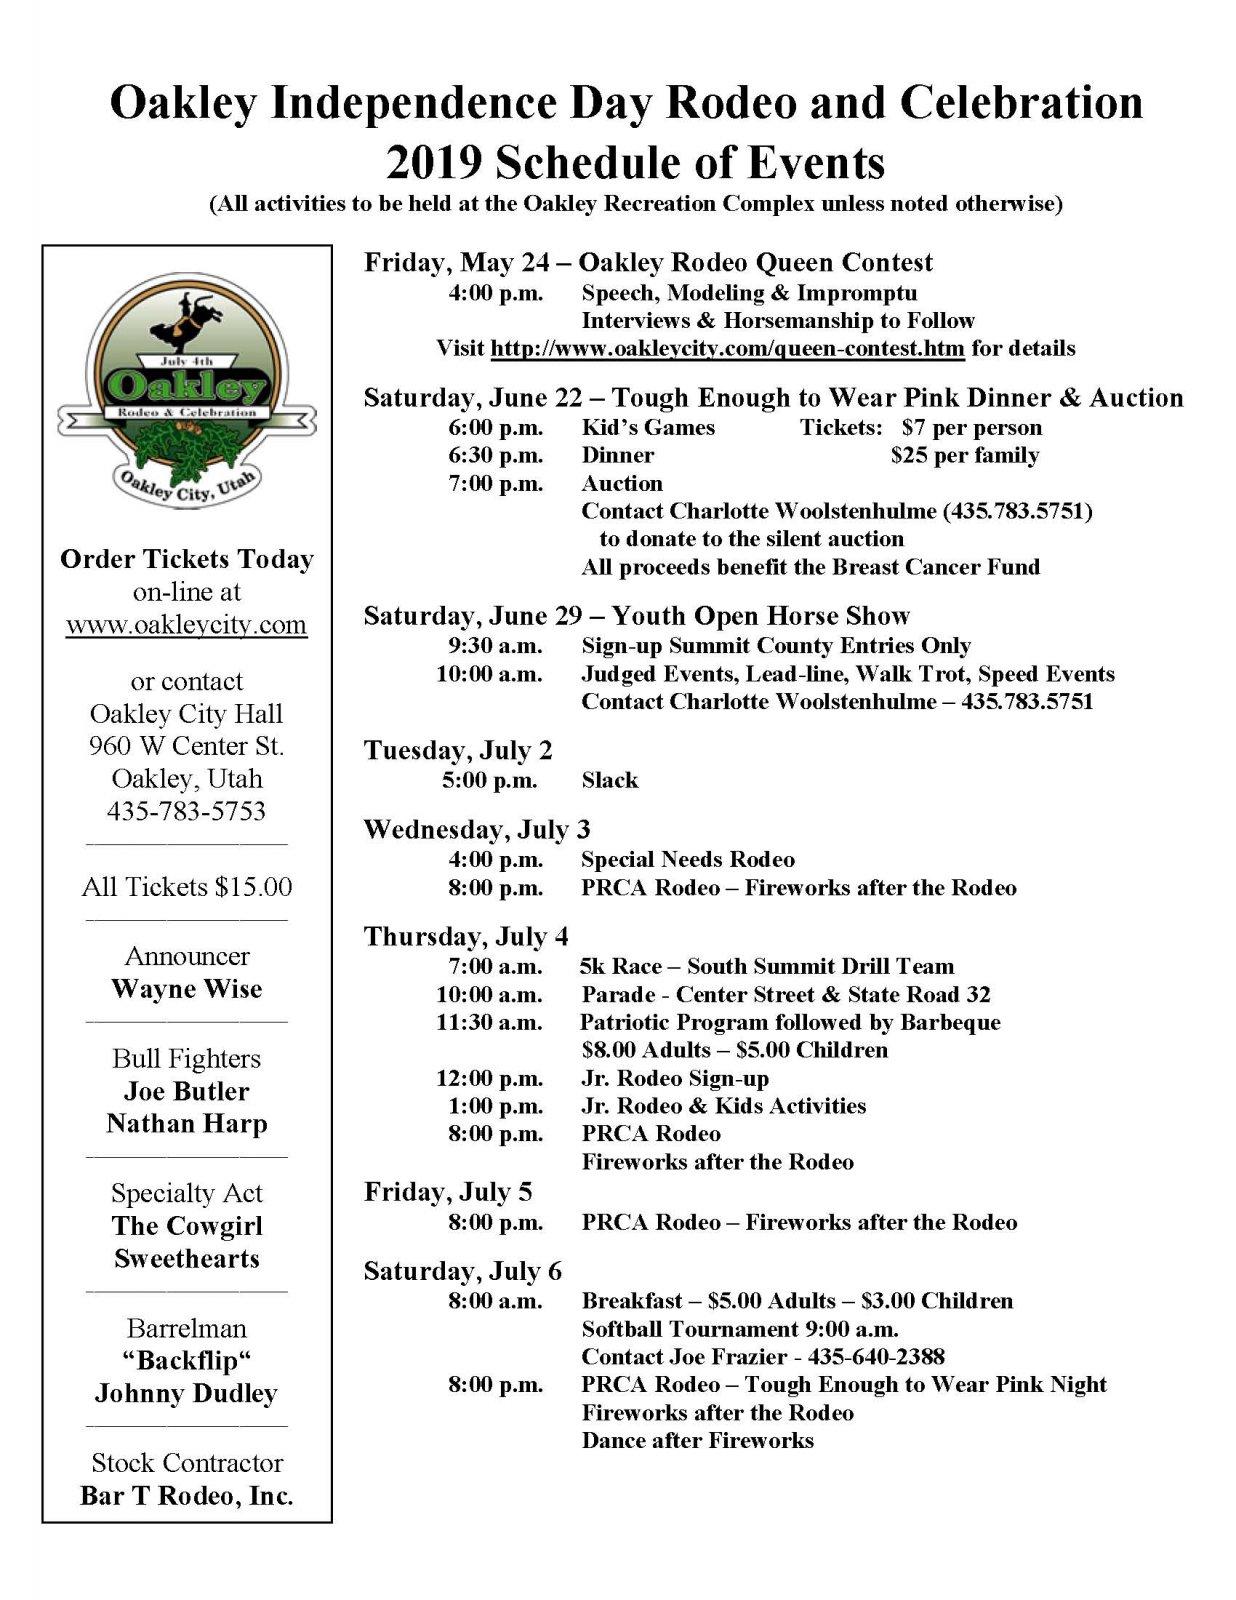 Prca Rodeo Schedule 2019 Celebration Schedule